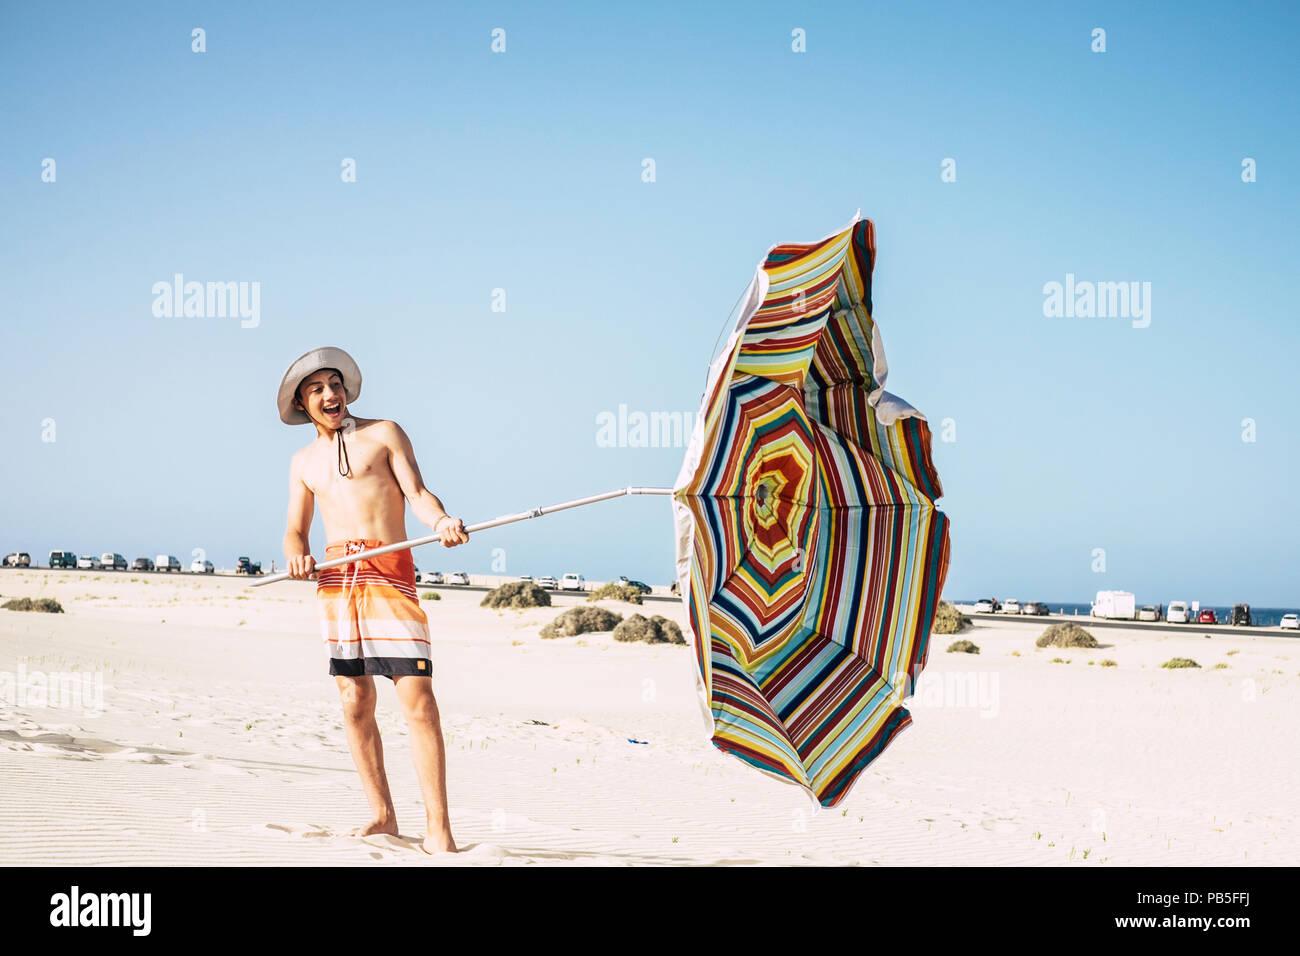 Jeune homme caucasian teenager jouer avec parapluie soleil et vent dans une plage de Paradise beach. sourire et s'amuser et profiter de la maison de vacances le temps chaud Photo Stock